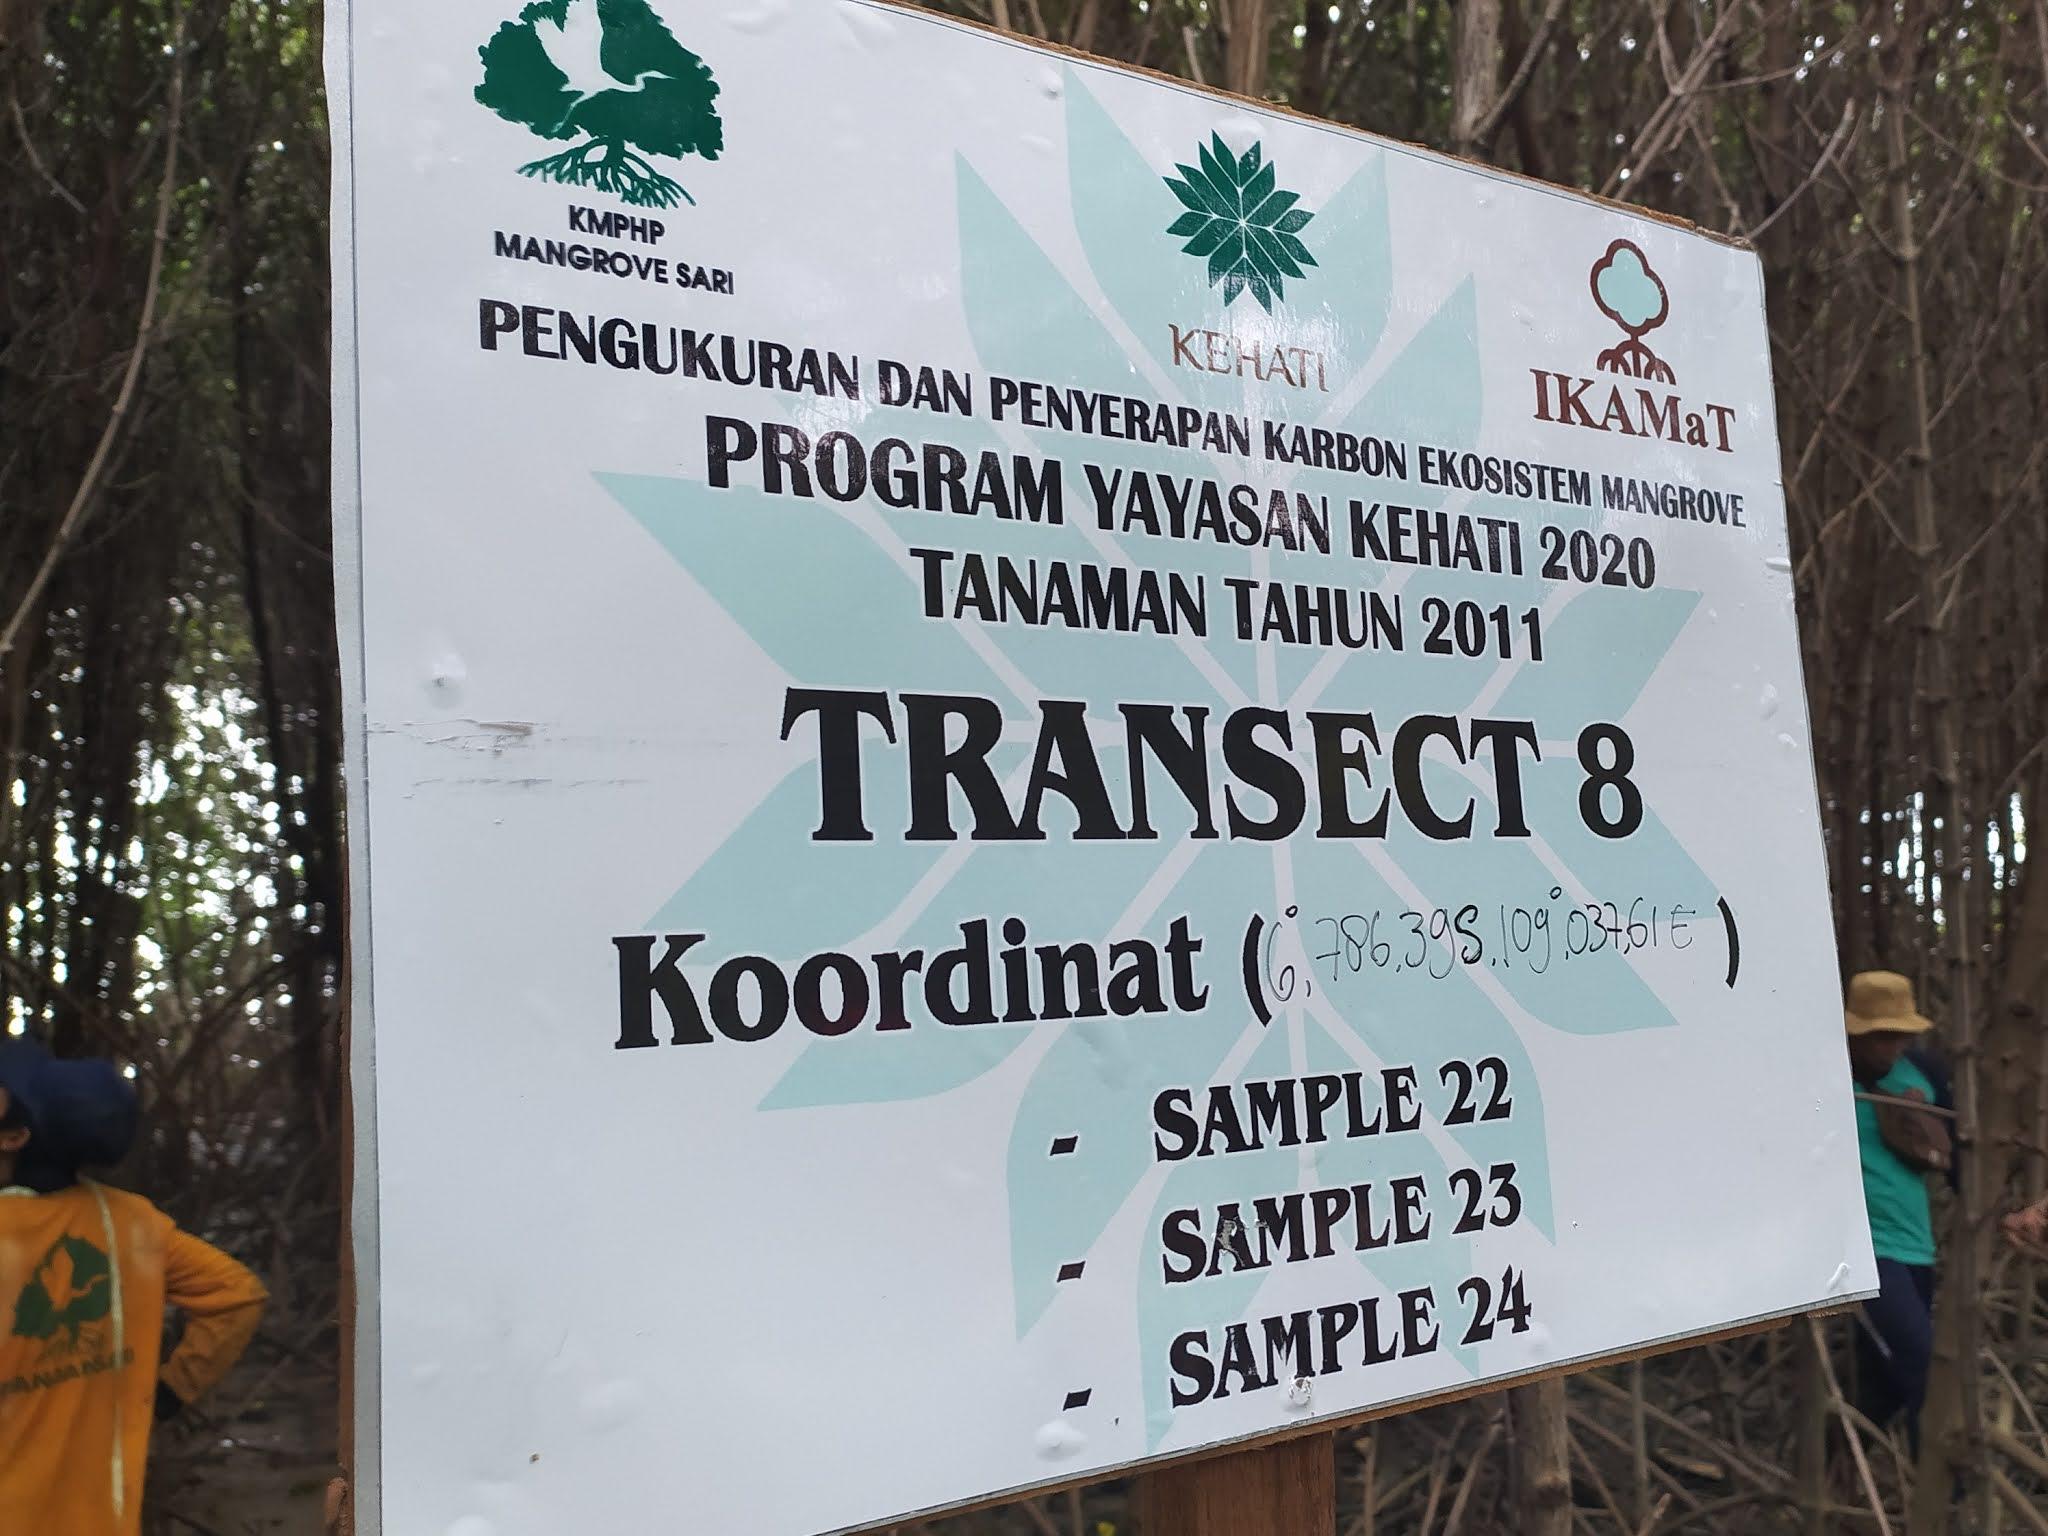 Jasa Konsultasi Rehabilitasi Ekosistem Mangrove